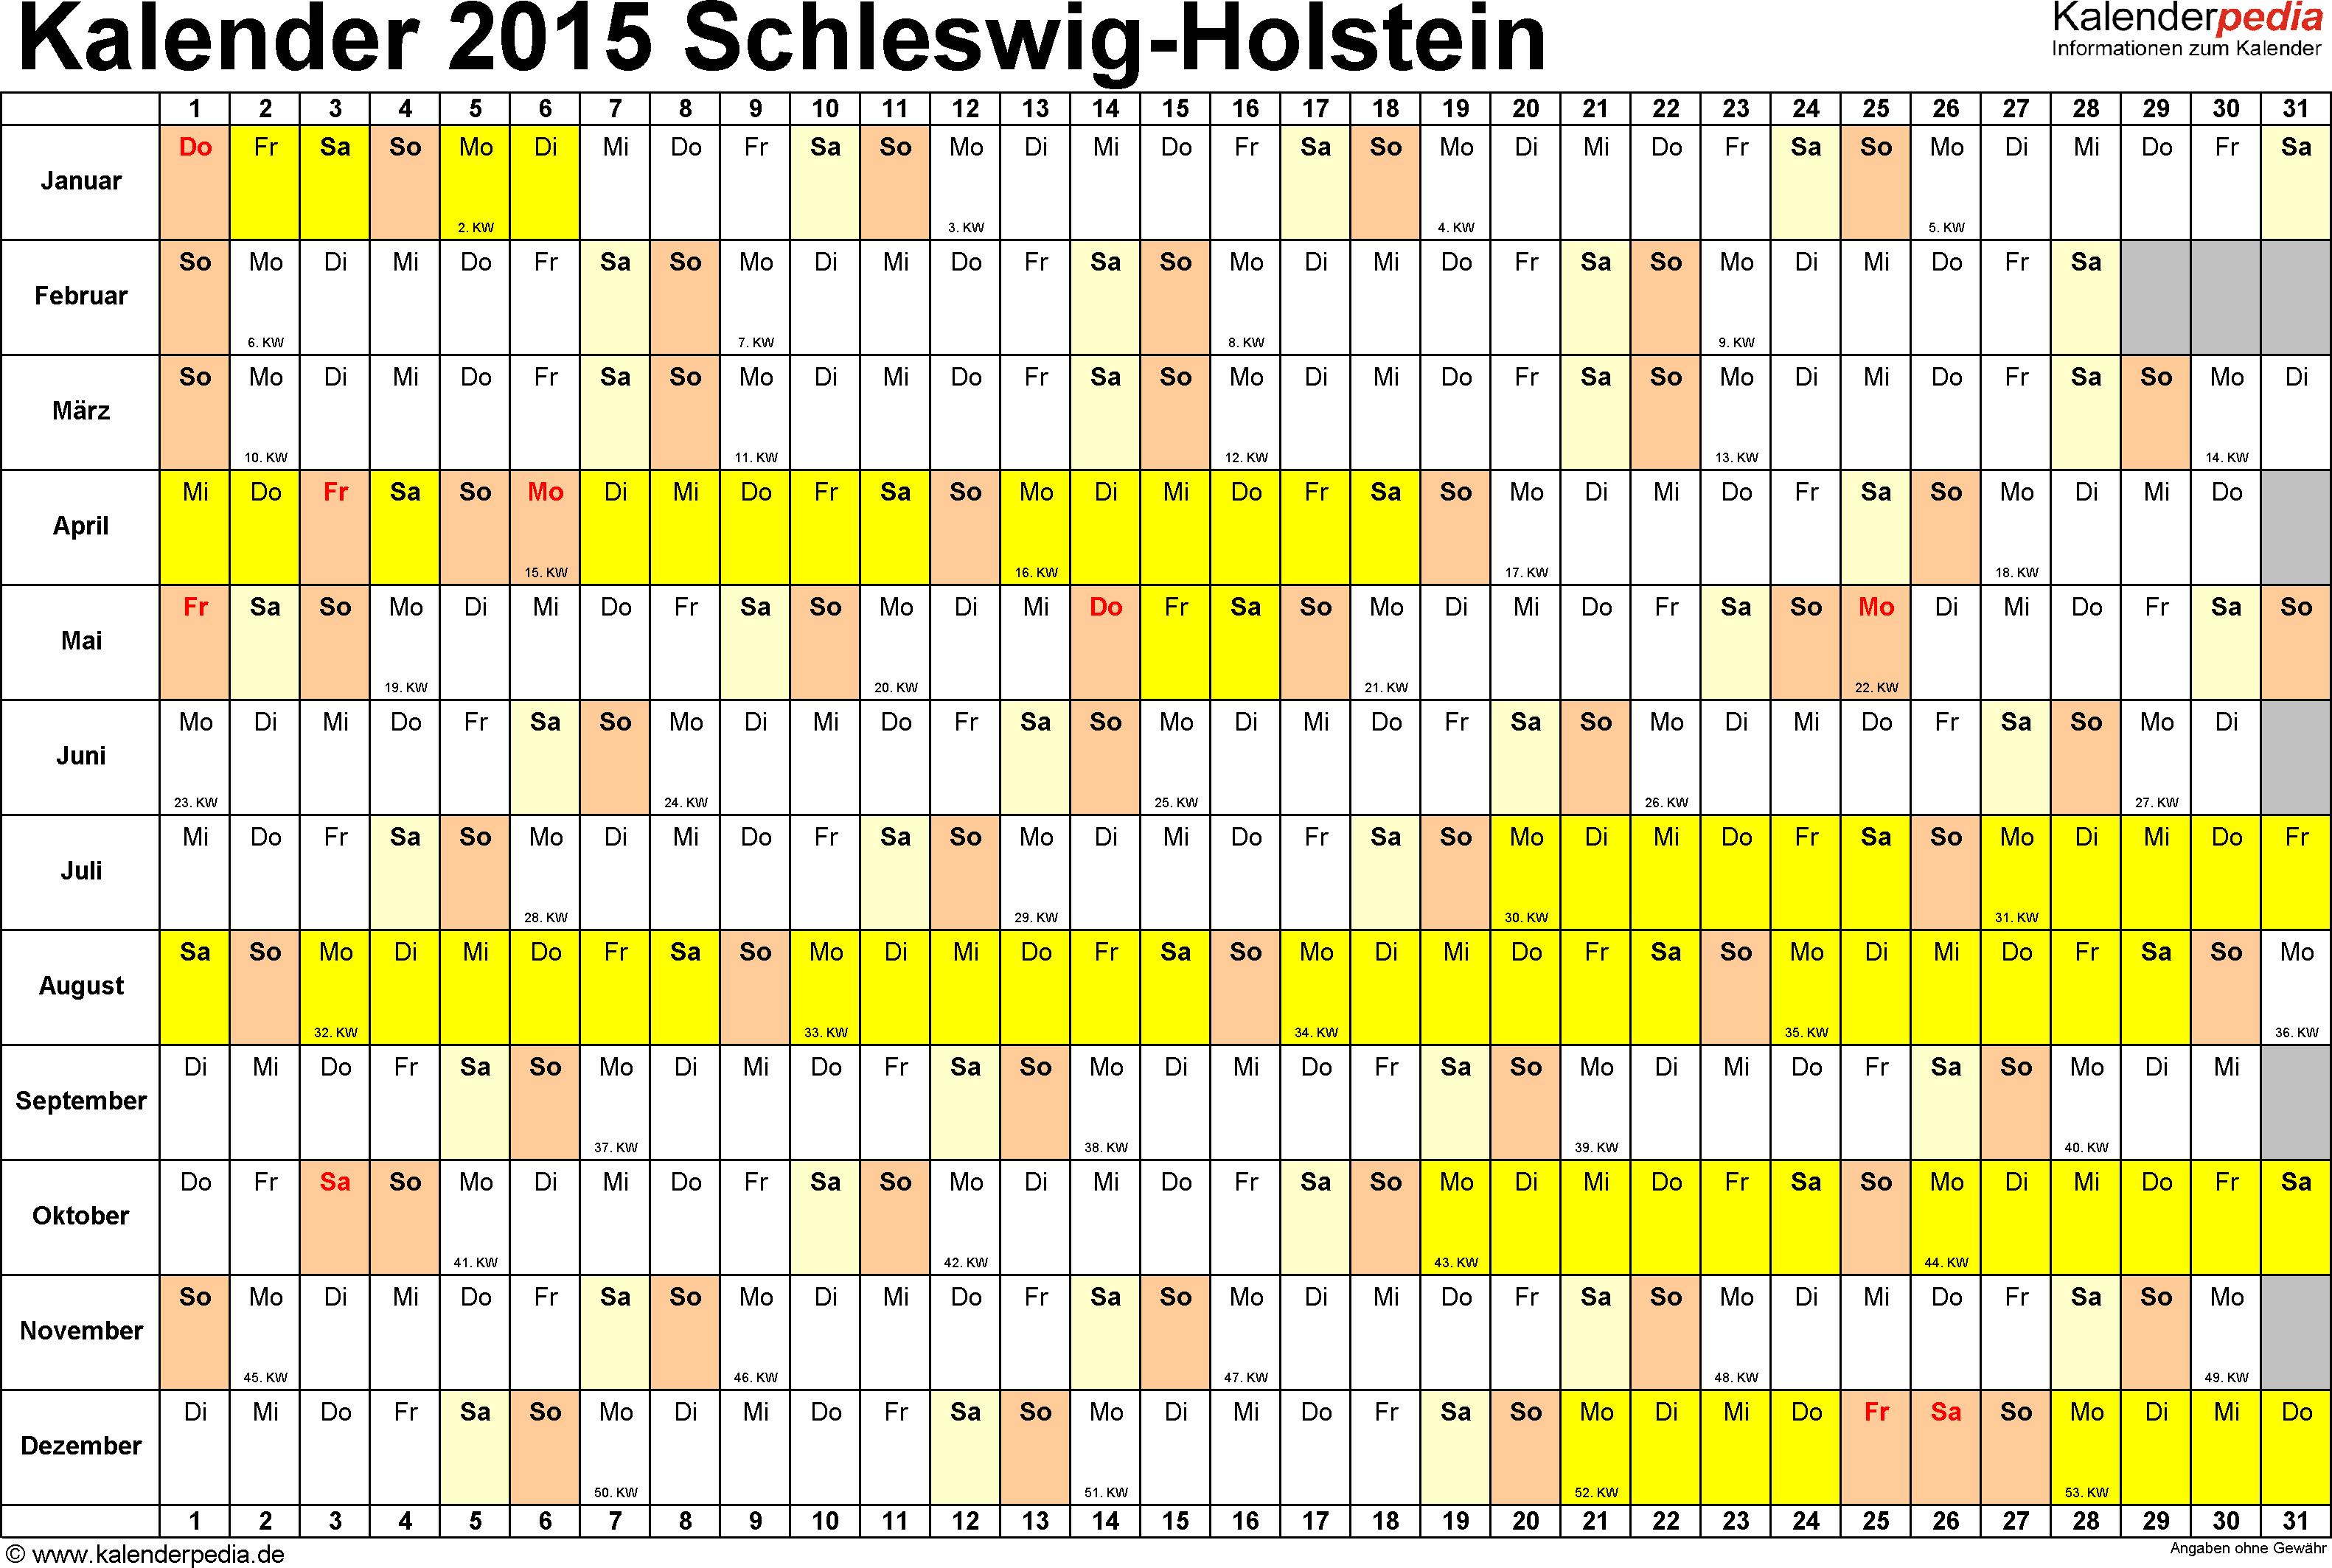 Vorlage 3: Kalender Schleswig-Holstein 2015 im Querformat, Tage nebeneinander